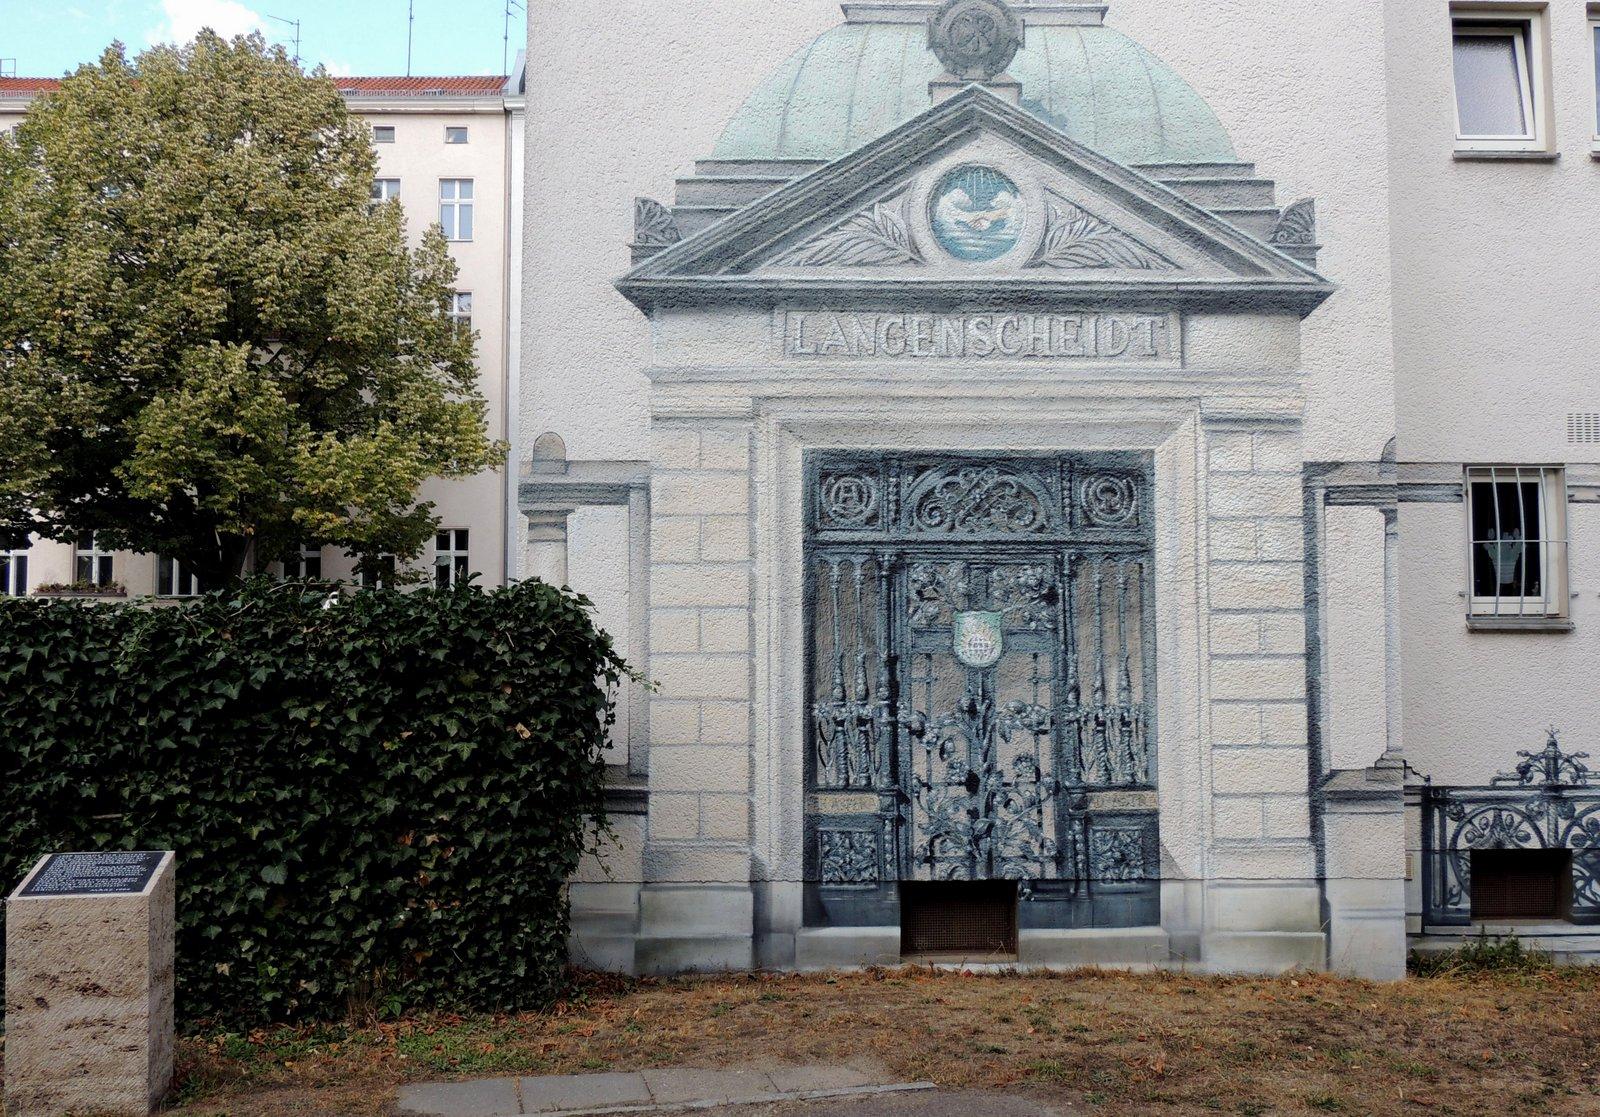 Alter St. Matthäus Kirchhof in Berlin-Schöneberg - Replik Grabanlage Langenscheidt